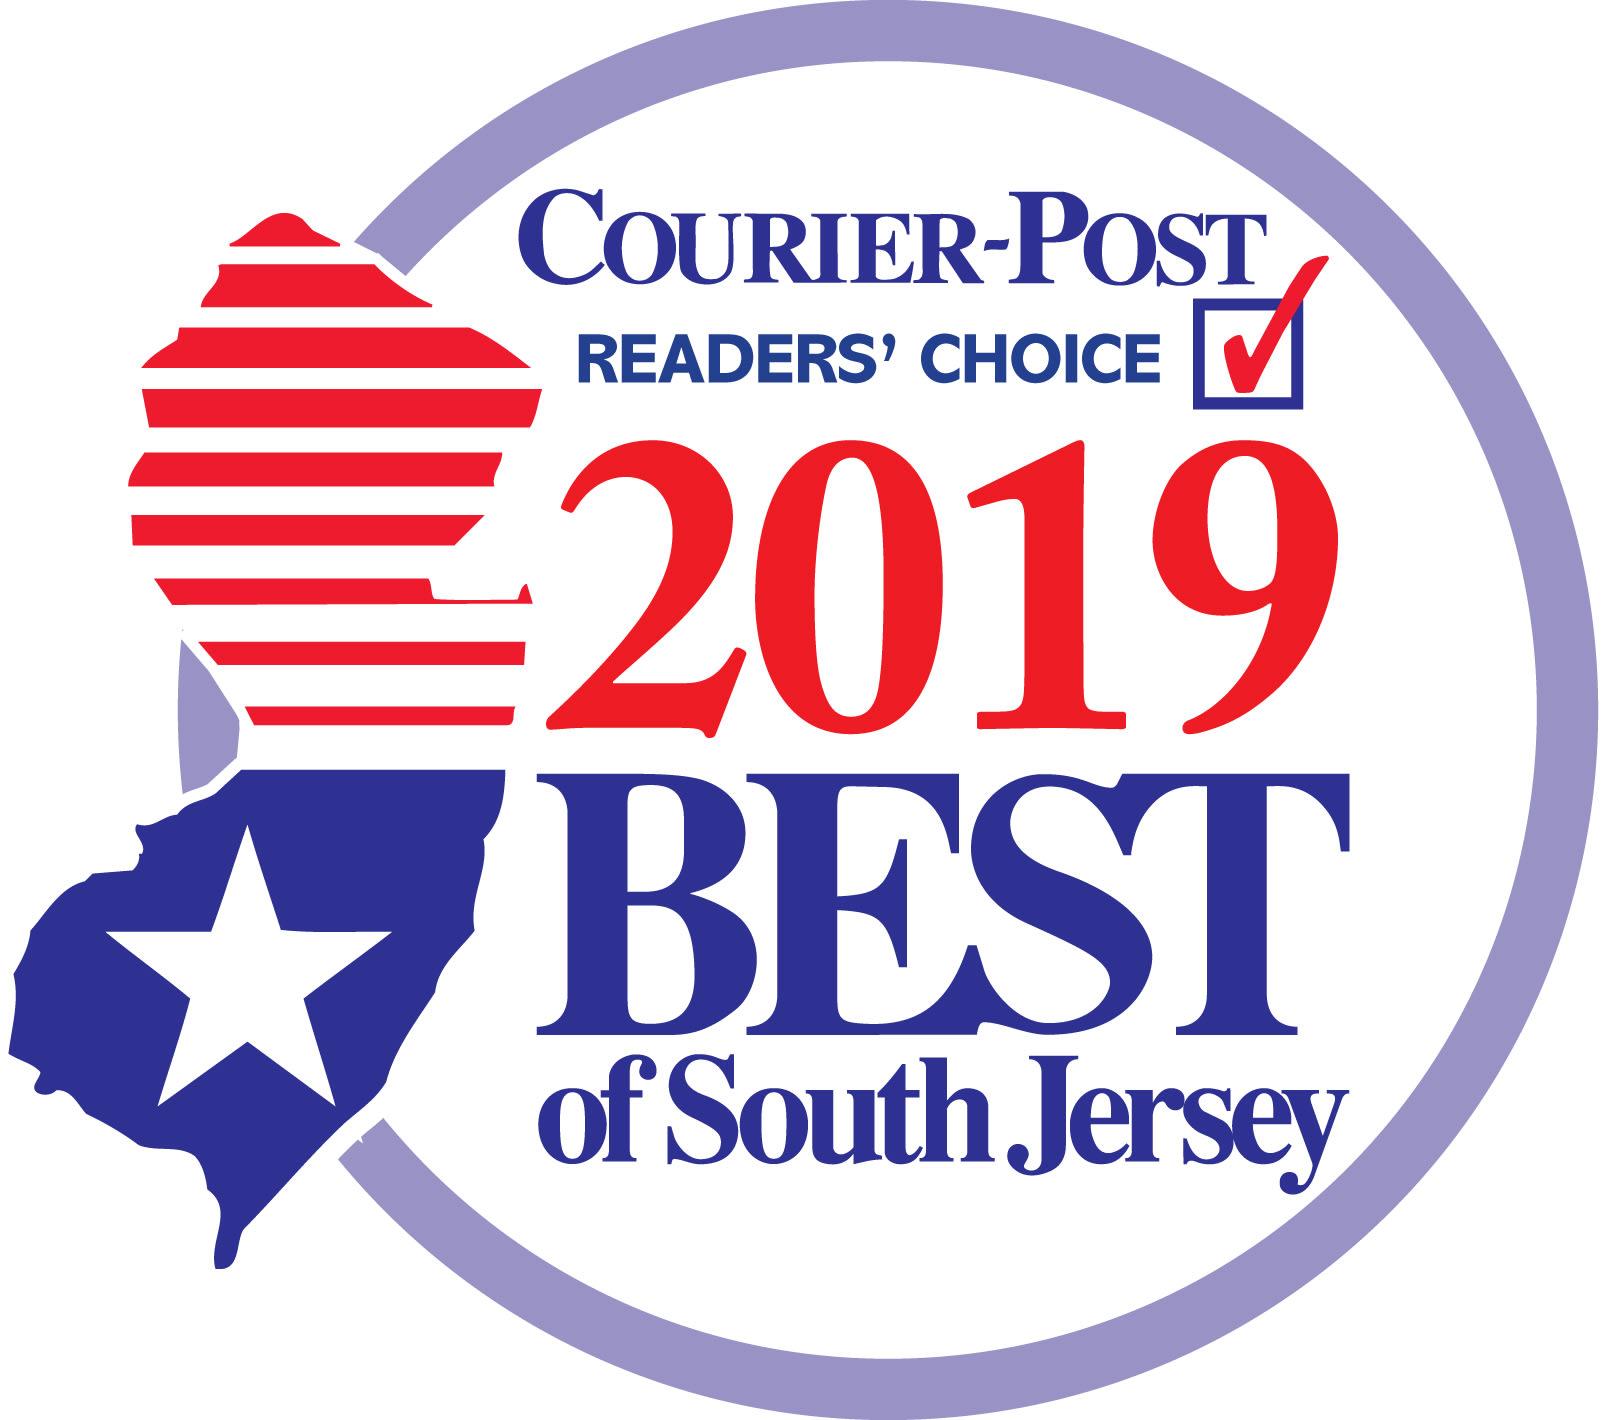 Best Restaurants In South Jersey 2019 American Cuisine Restaurant   Best Food   Best Of South Jersey 2019